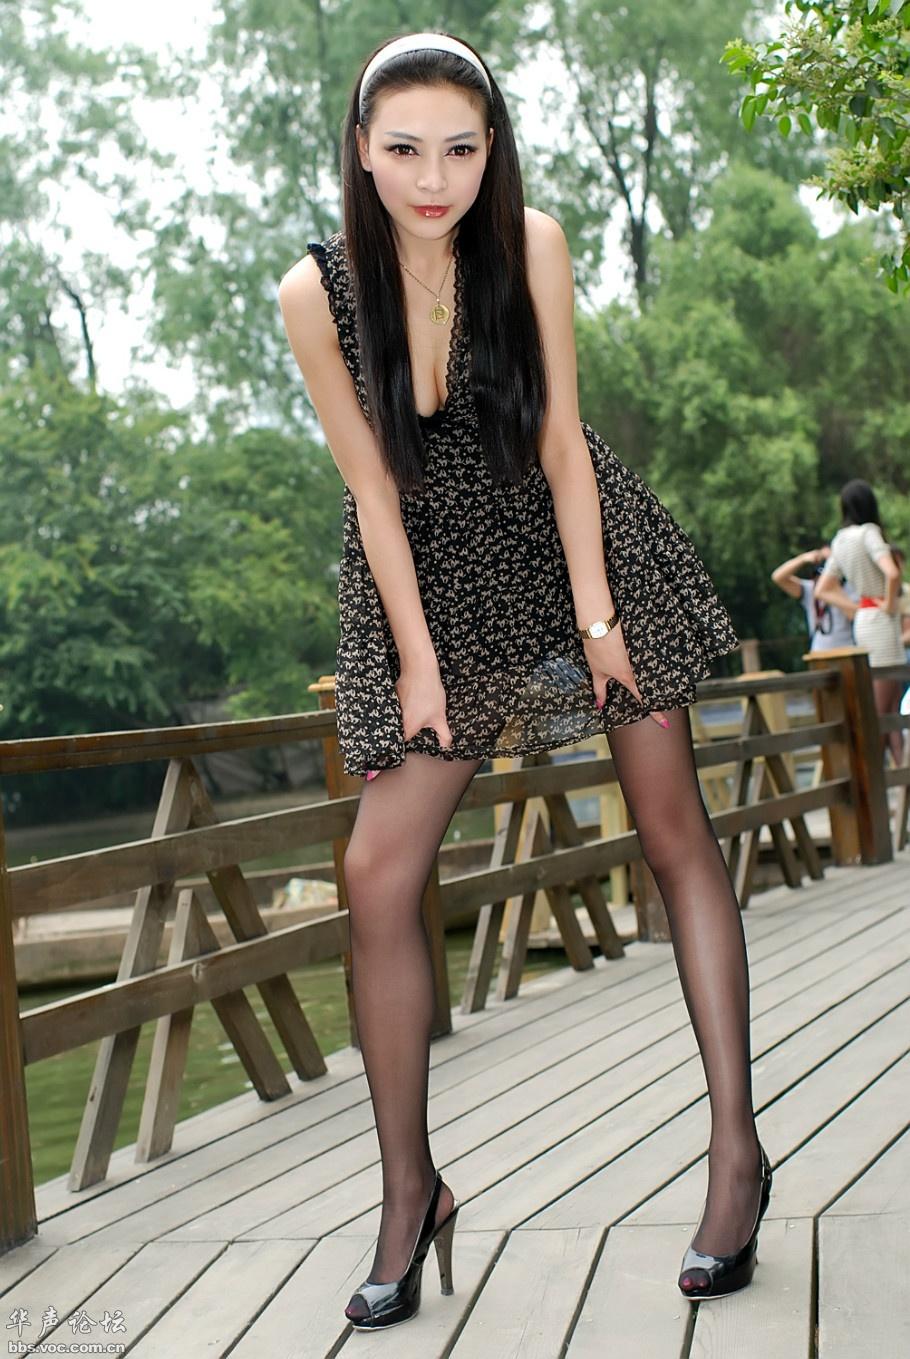 迷人的长腿黑丝熟妇 - 美女贴图 - 华声论坛